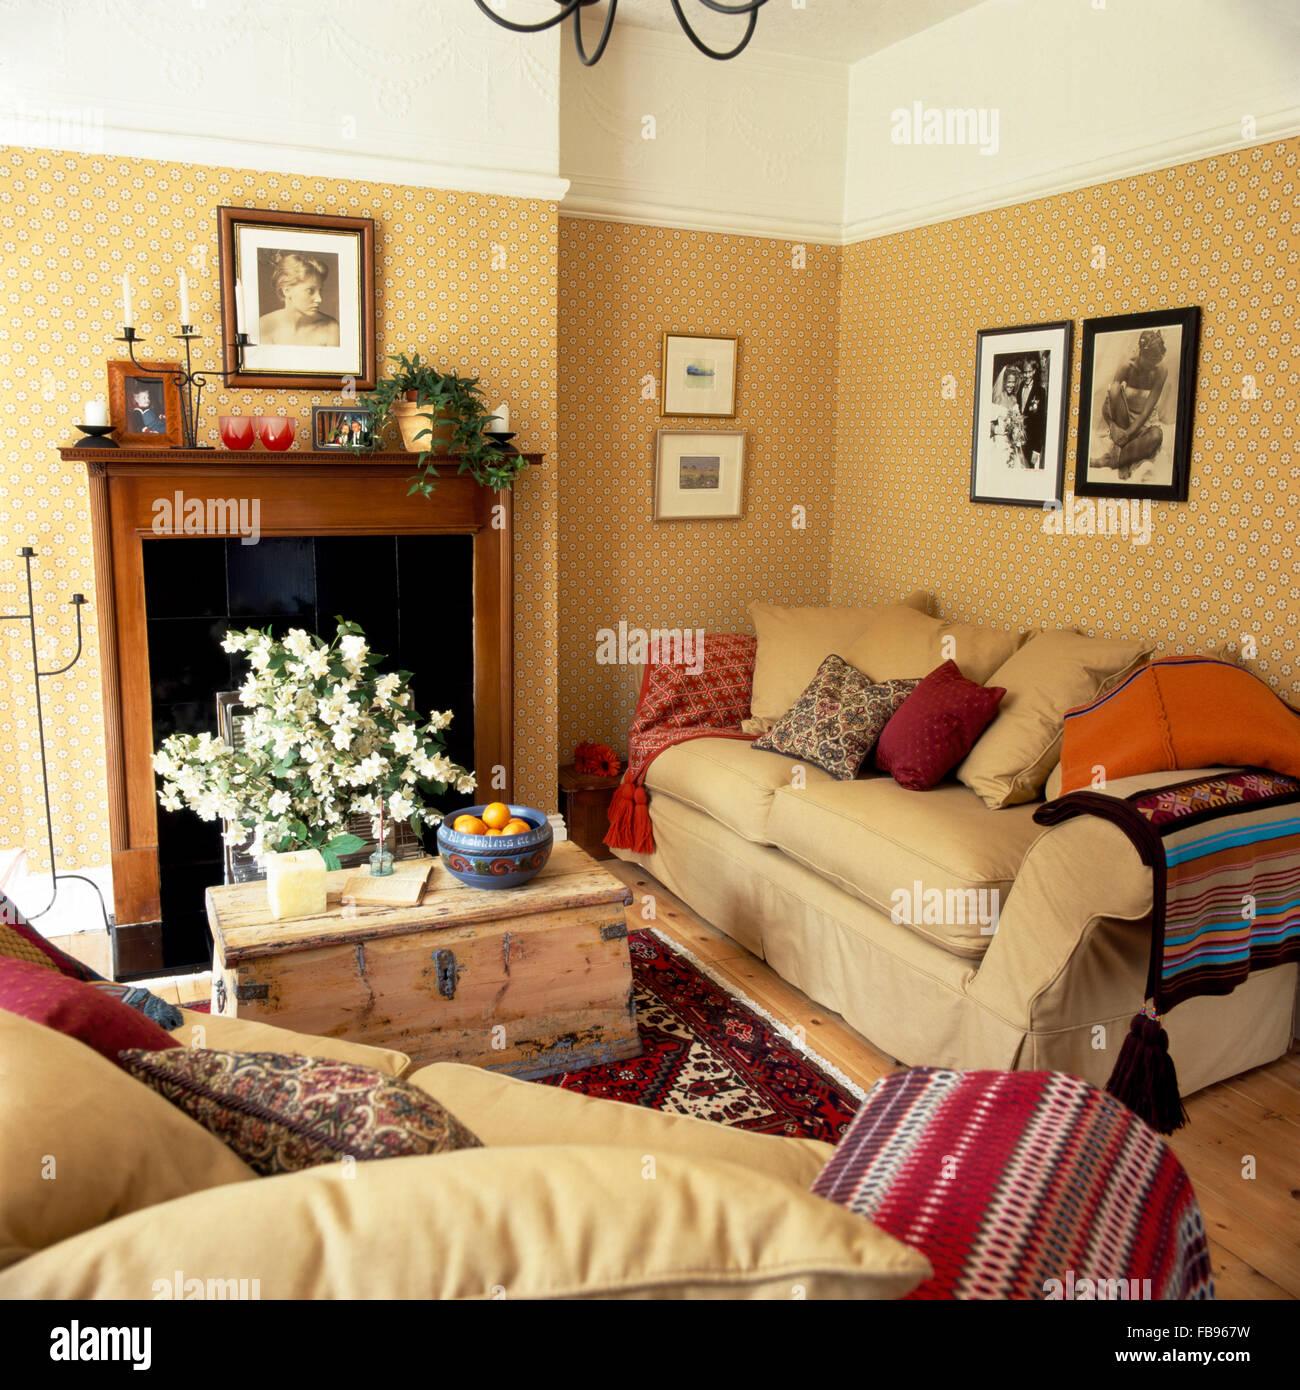 Cremefarbene Sofas gestapelt mit Kissen in ein kleines Wohnzimmer ...